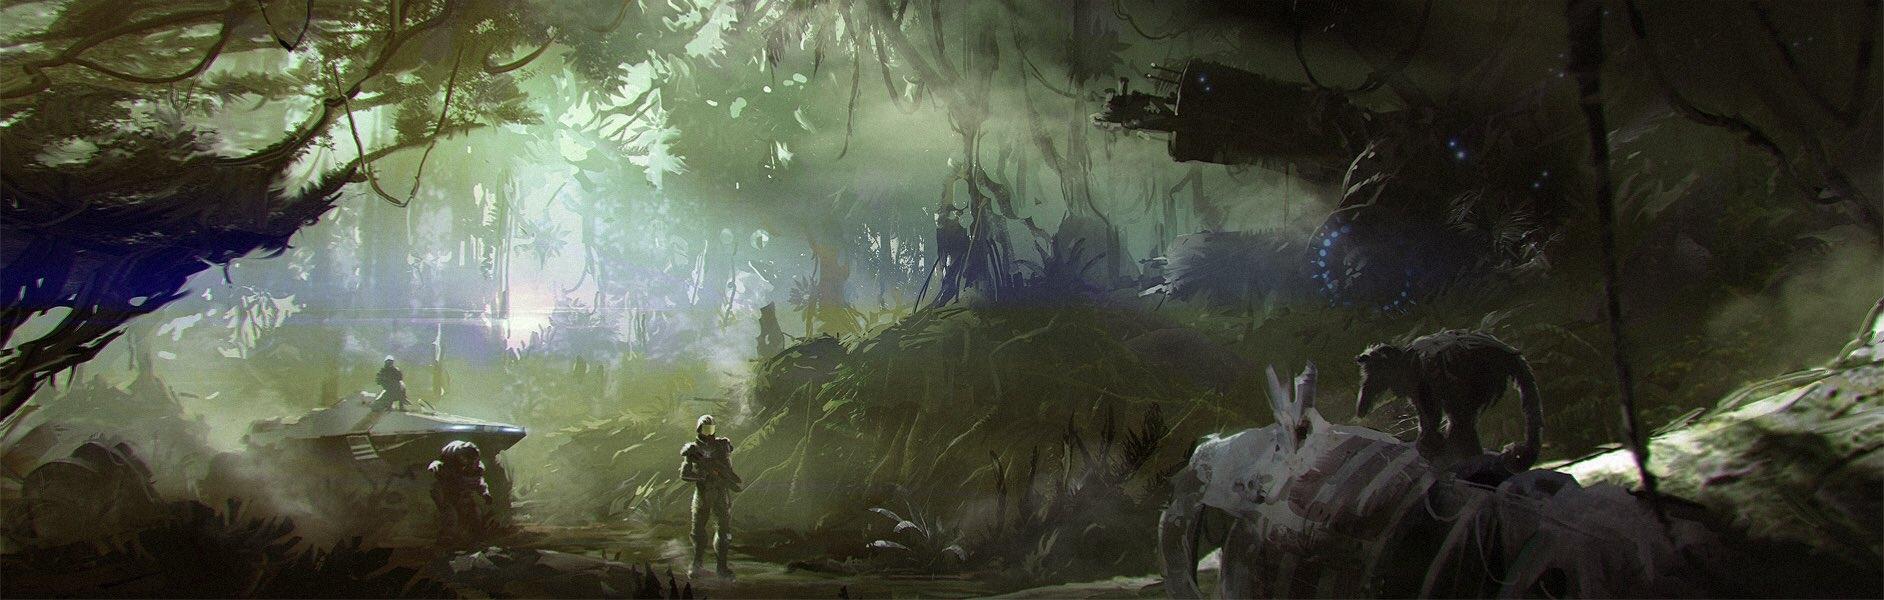 BioWare показала неиспользованные концептуальные рисунки Mass Effect